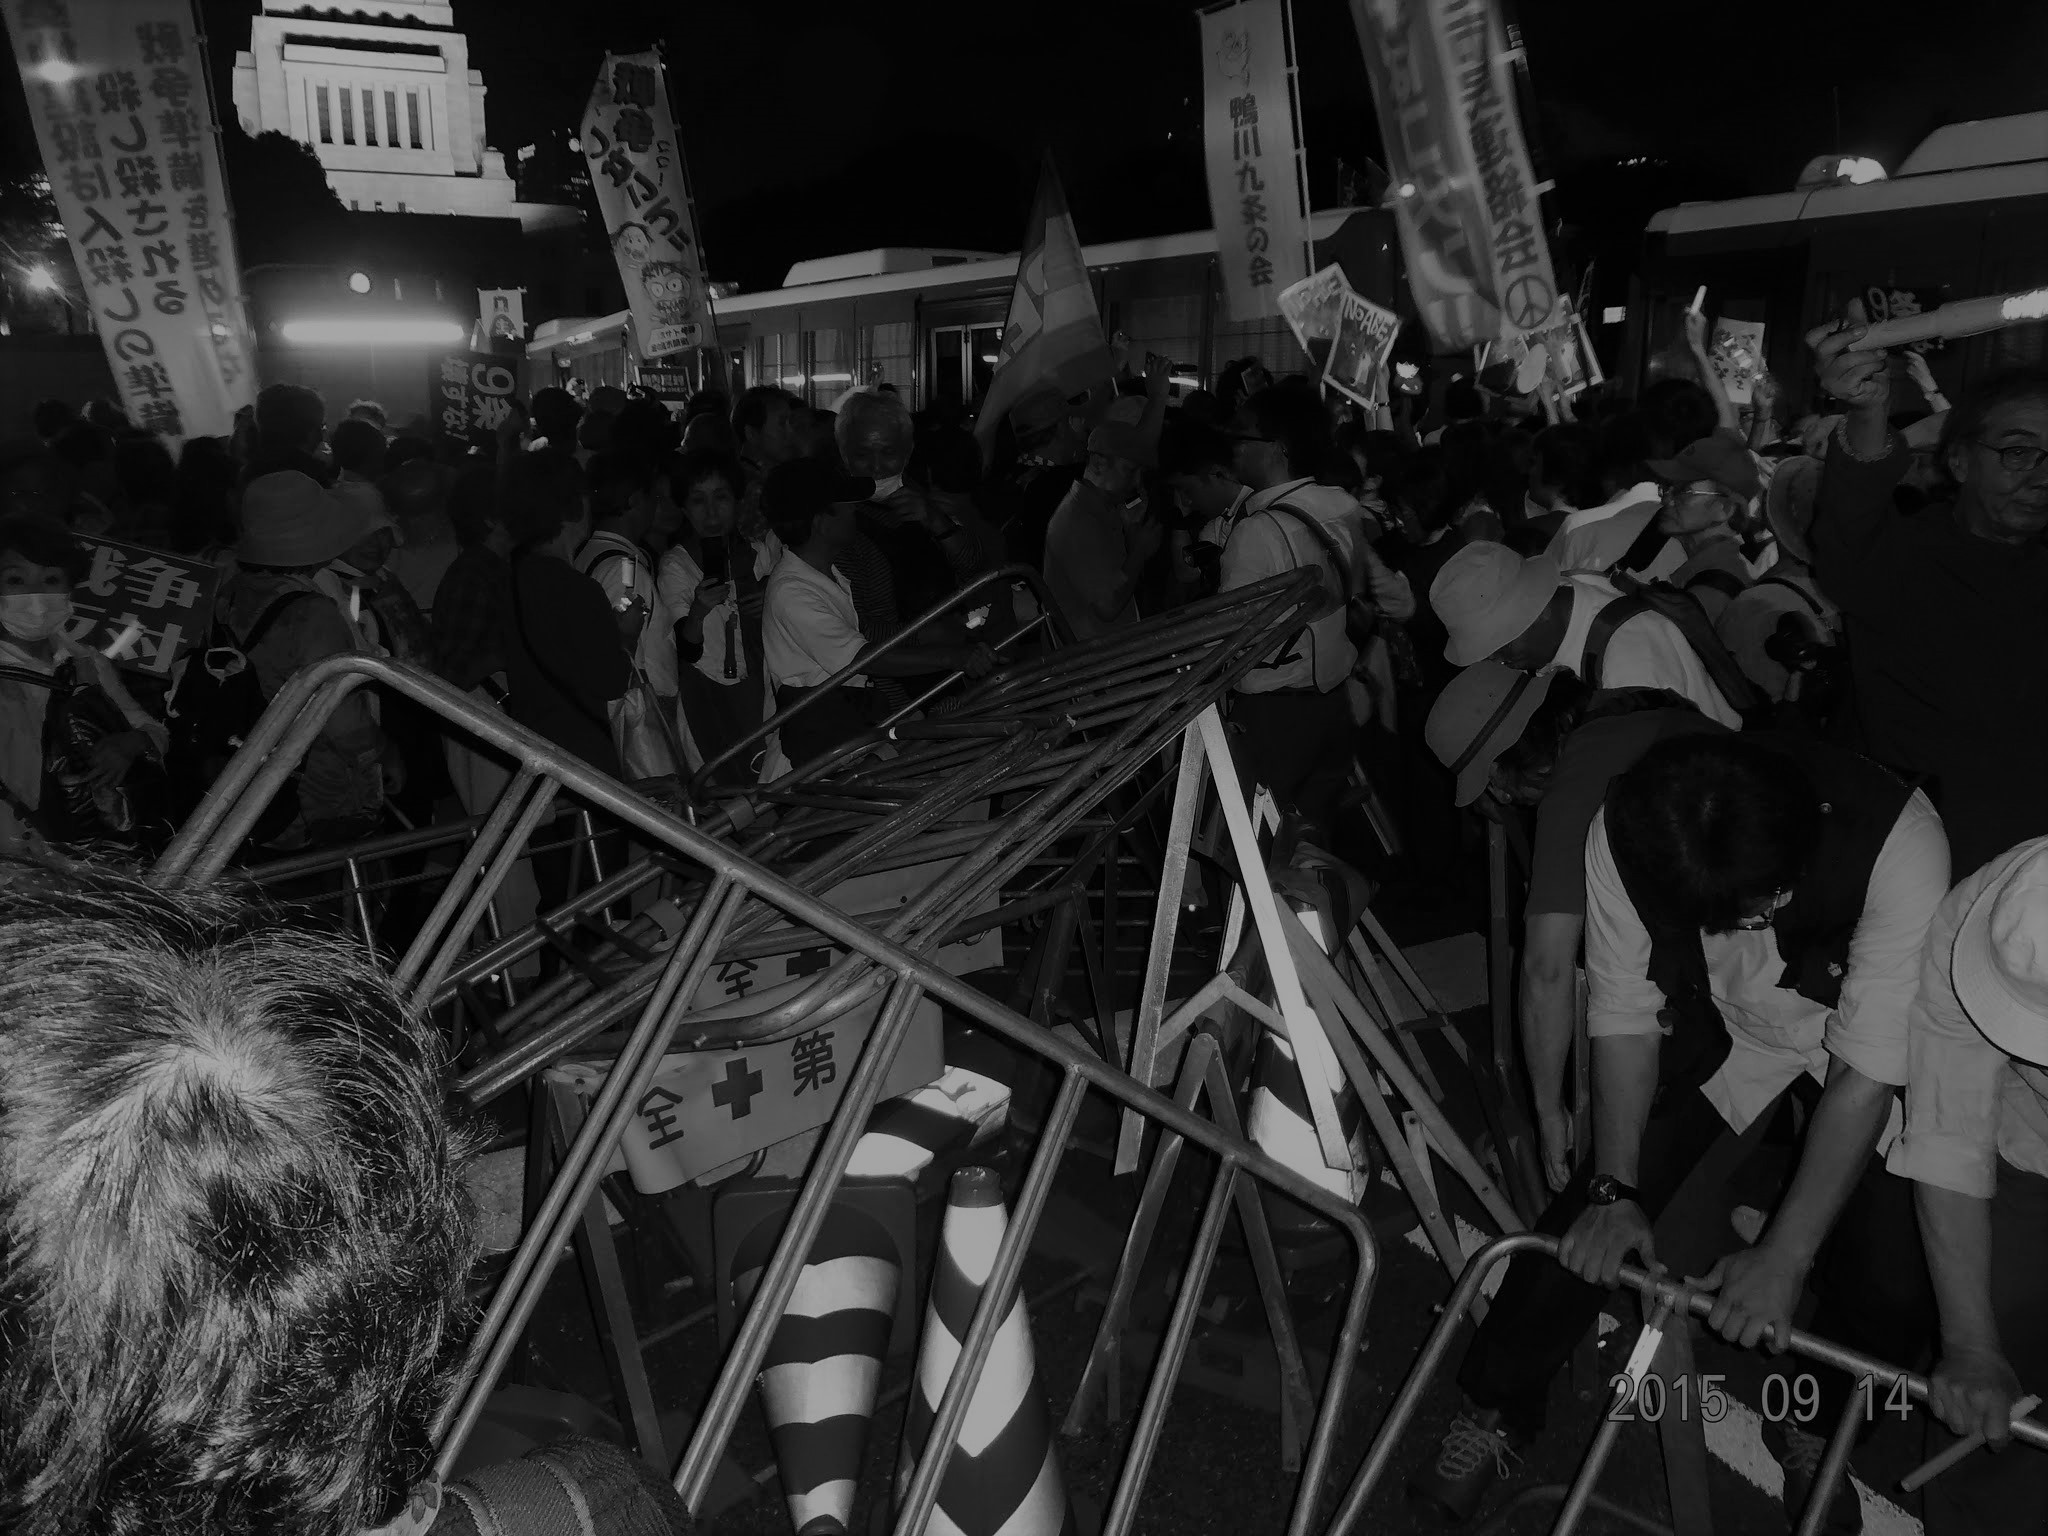 2015年09月14日 国会正門前